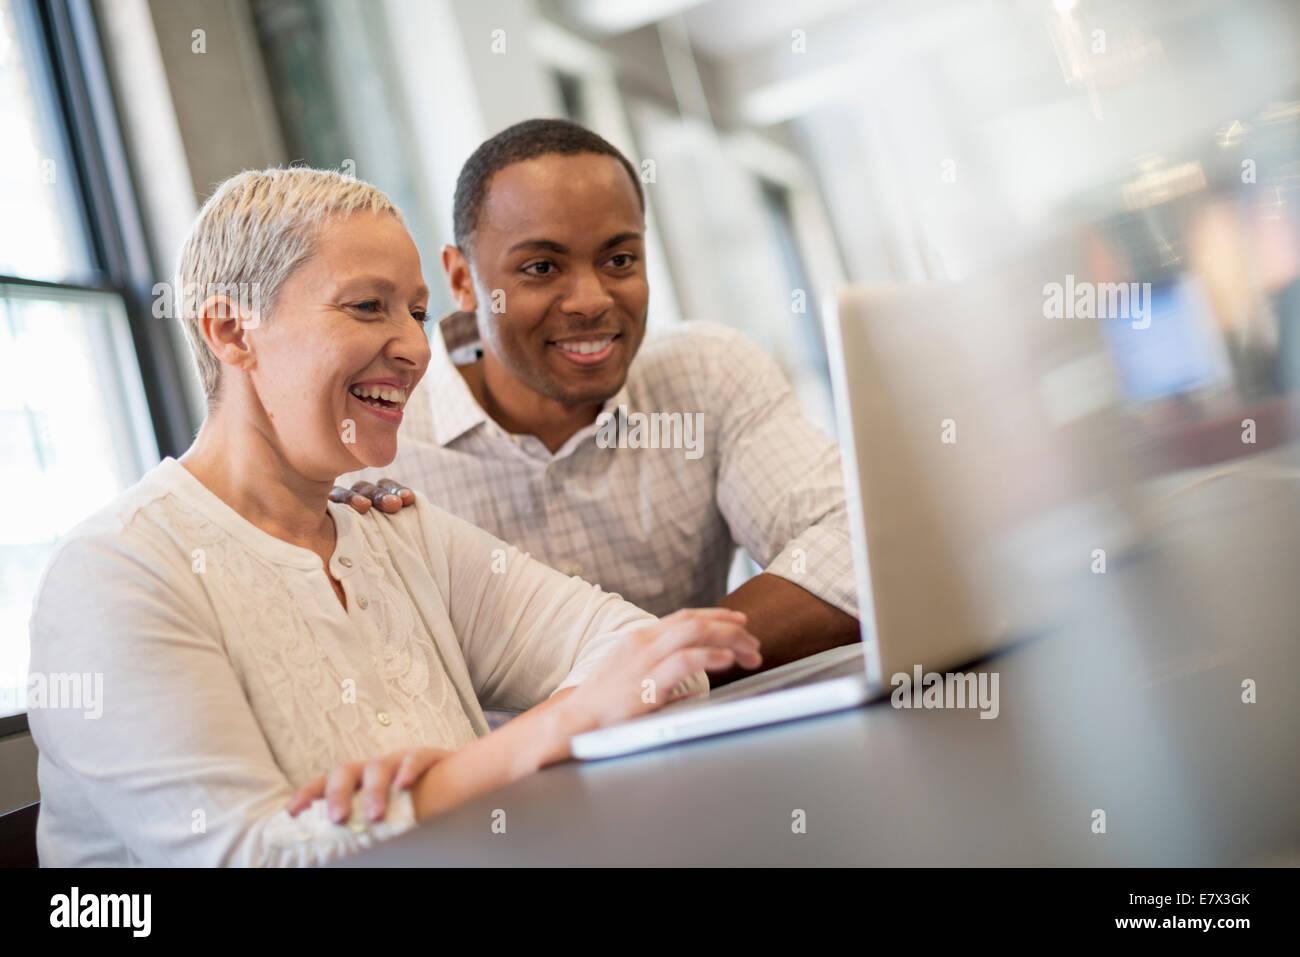 La vie de bureau. Deux personnes, un homme et une femme à la recherche d'un écran d'ordinateur Photo Stock